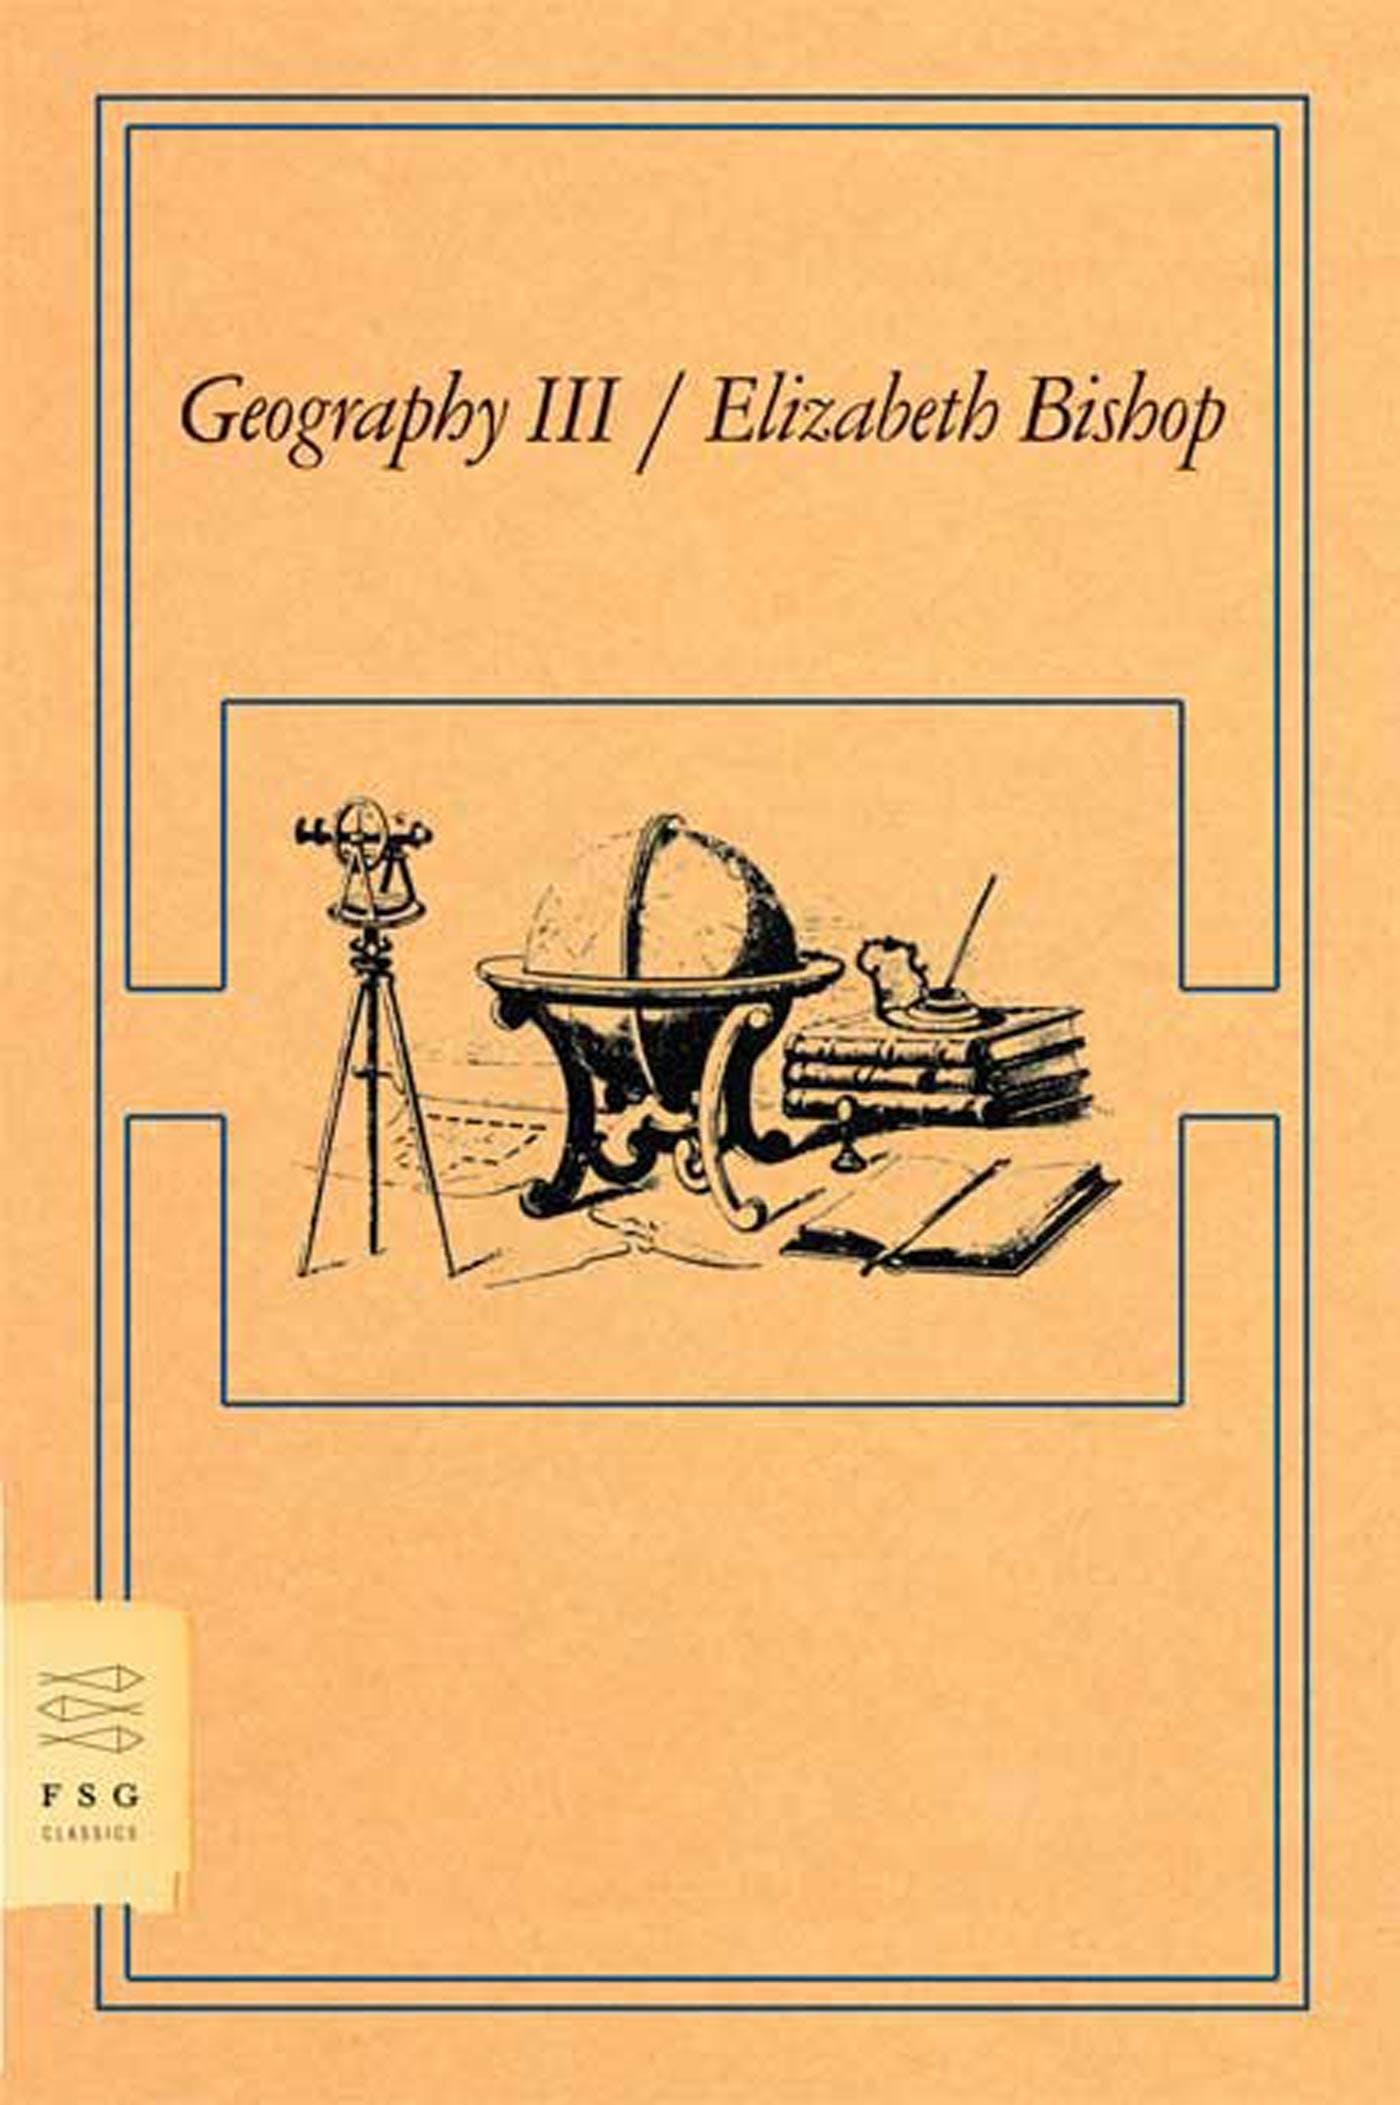 Image of Geography III